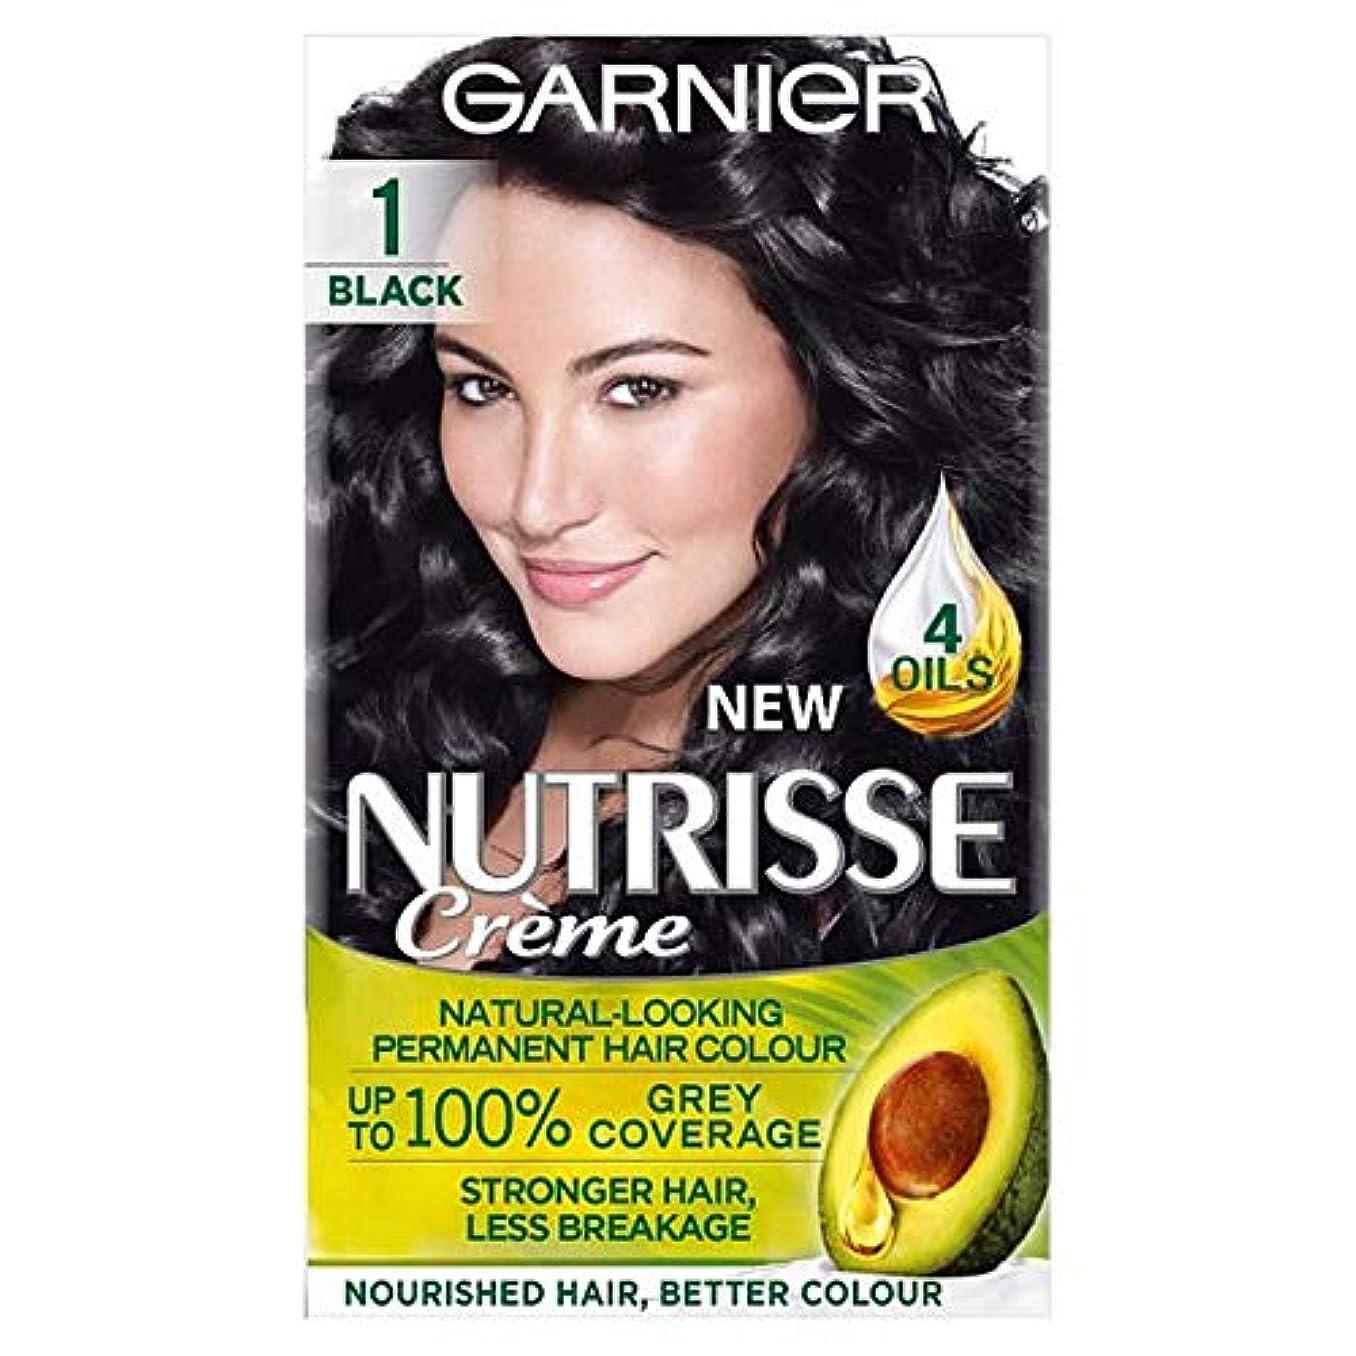 適度に打倒テーマ[Nutrisse] ガルニエNutrisse 1黒のパーマネントヘアダイ - Garnier Nutrisse 1 Black Permanent Hair Dye [並行輸入品]